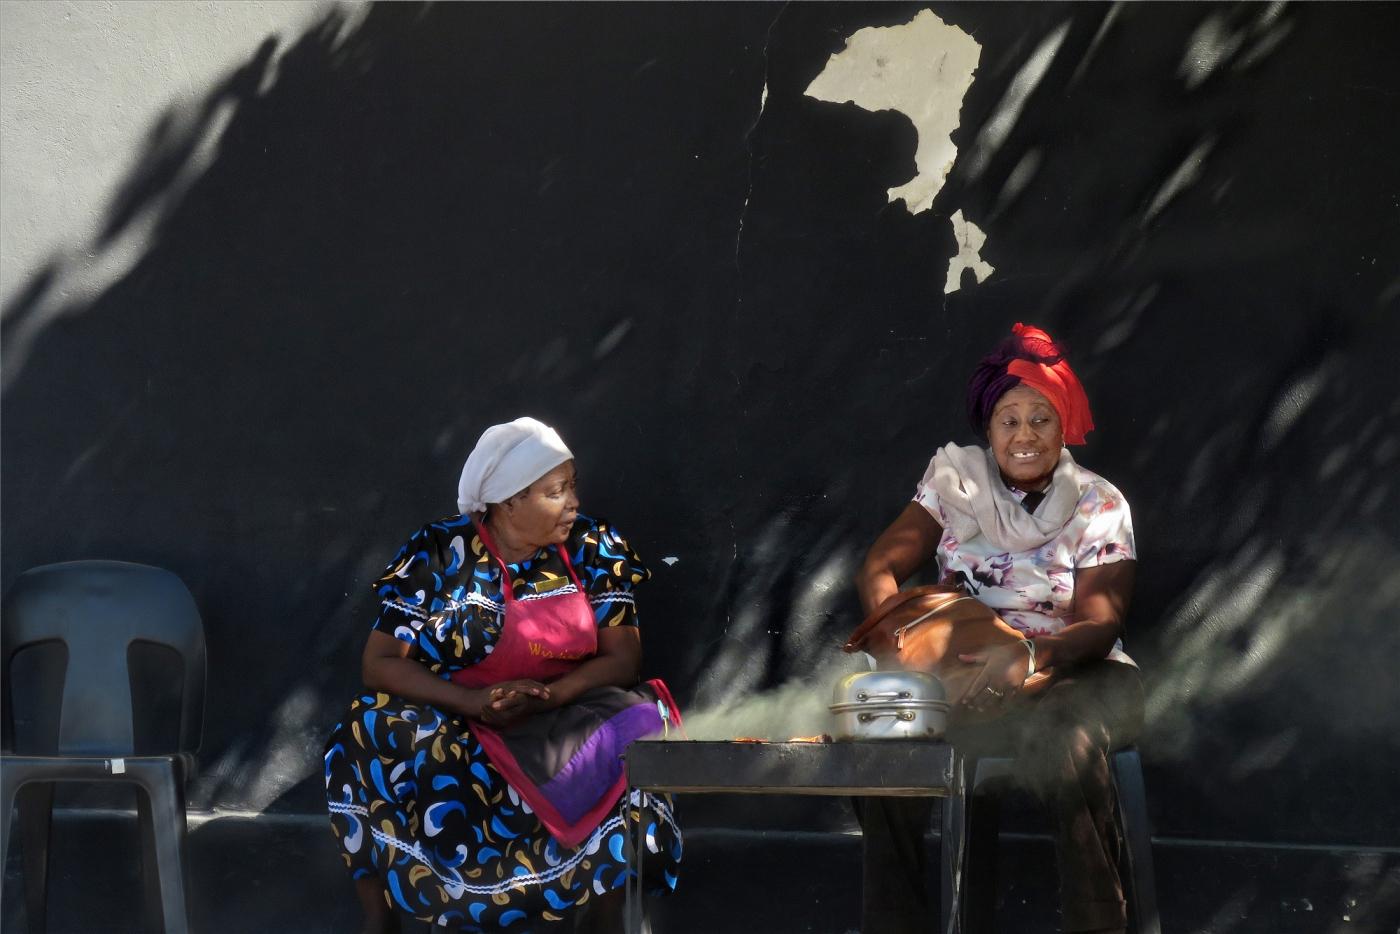 【原创实拍】黑色脸谱  ——行摄南部非洲(人像篇)_图1-4